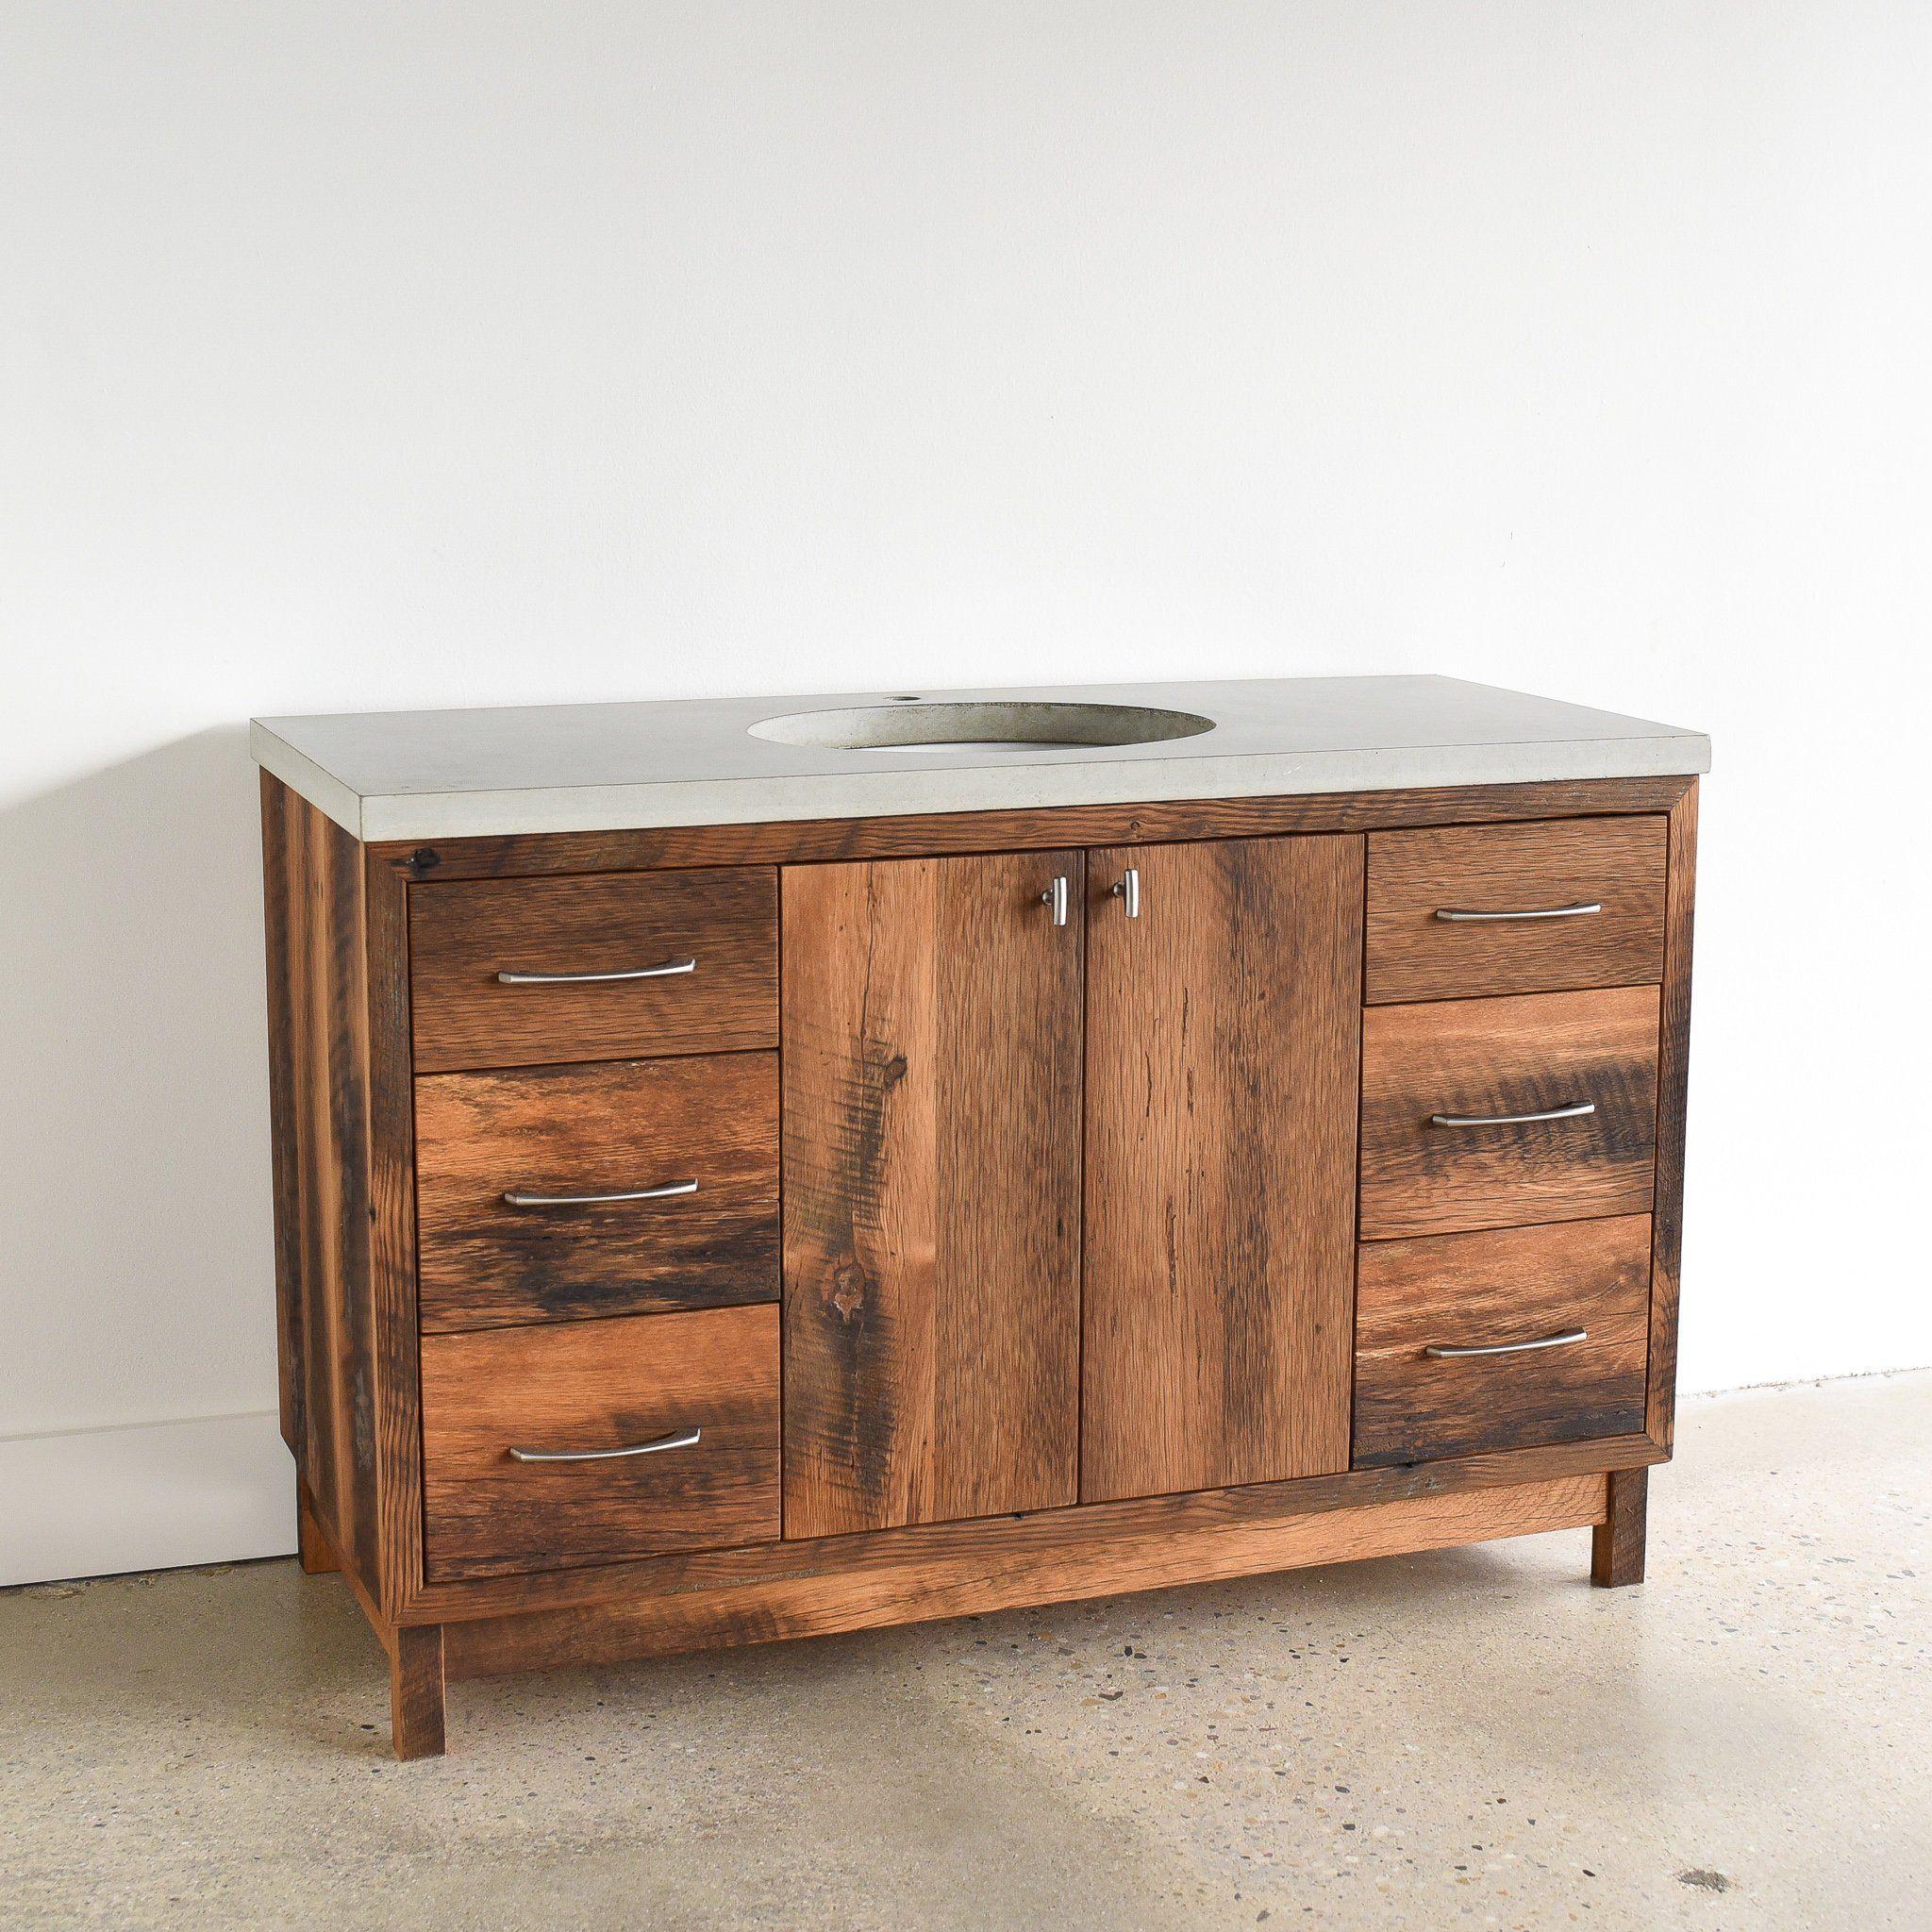 Rustic Bathroom Vanity 48 Reclaimed Wood Storage Console Reclaimed Wood Vanity Wood Vanity Rustic Bathroom Vanities